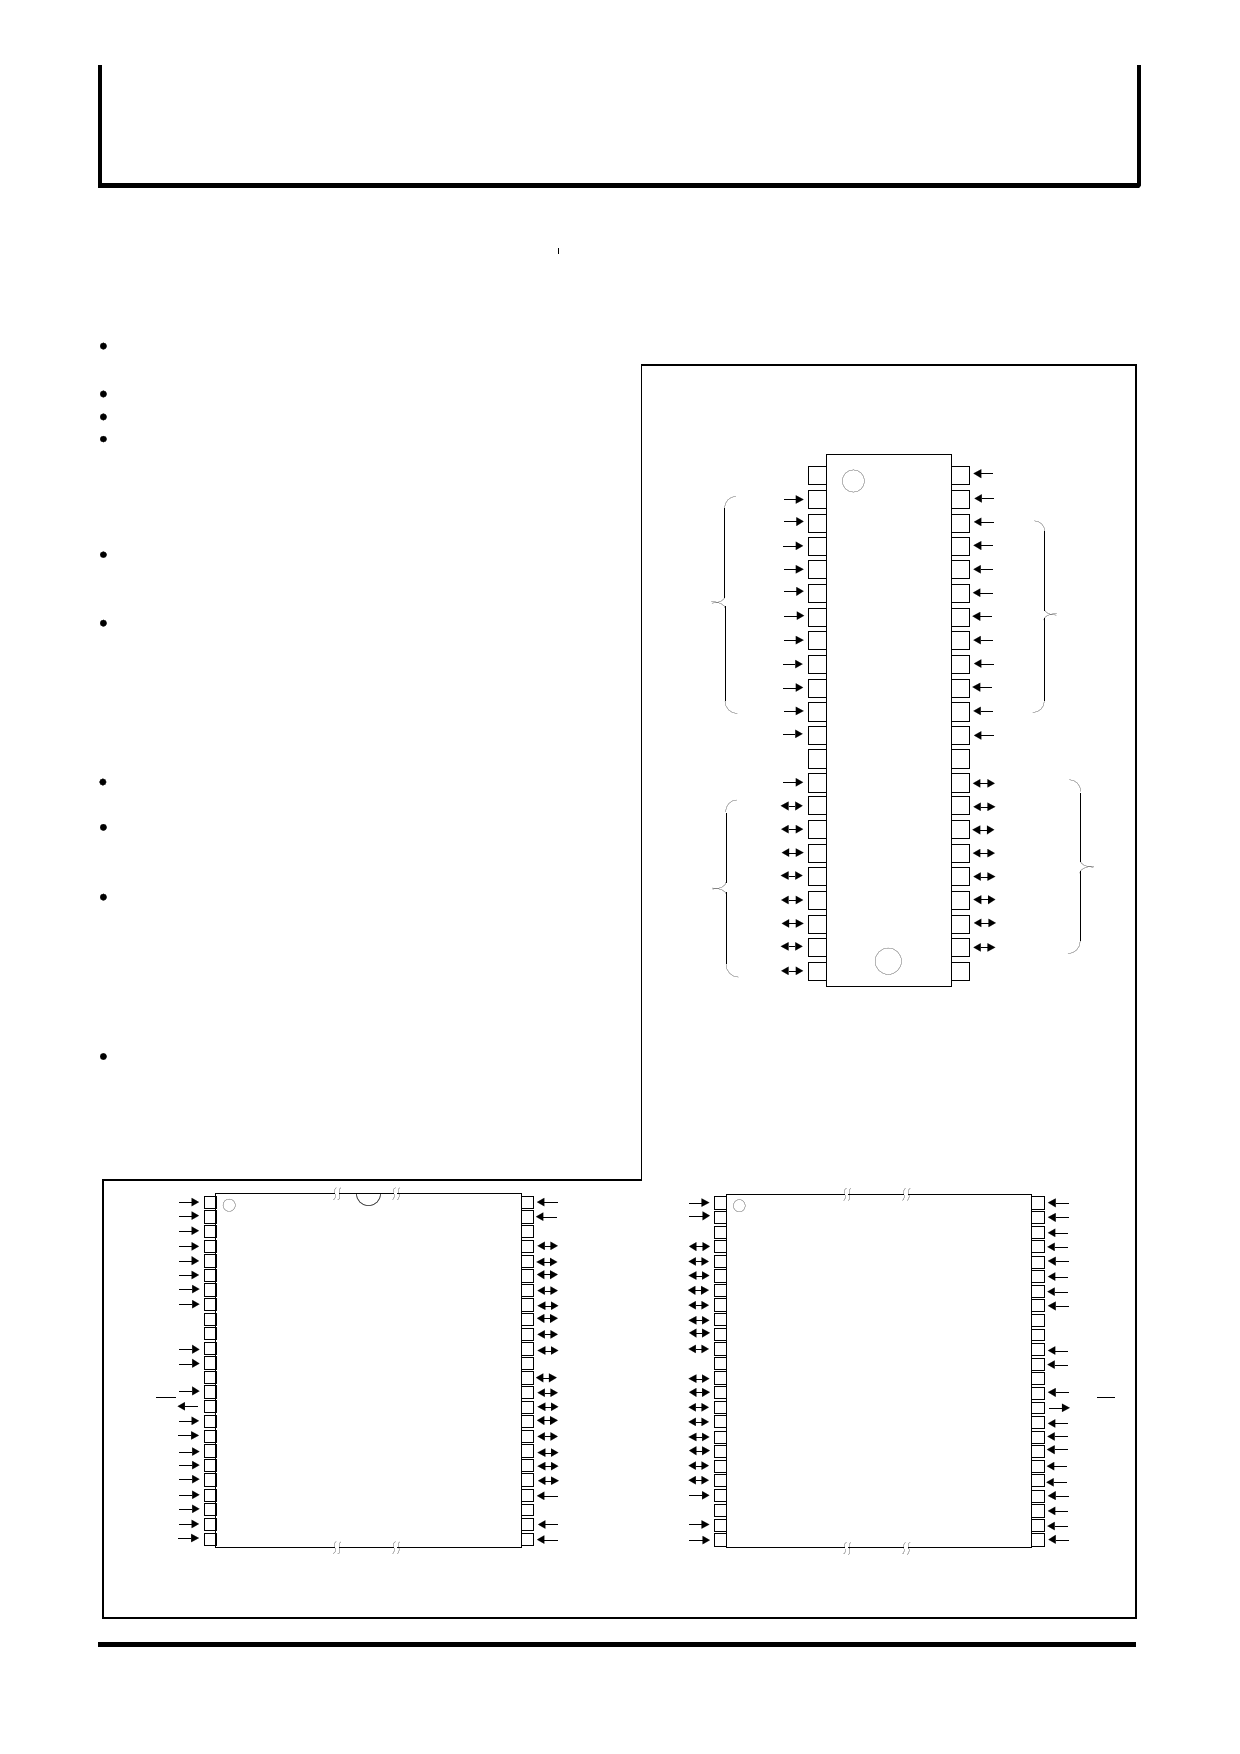 M5M29FB800VP-80 datasheet pinout pdf